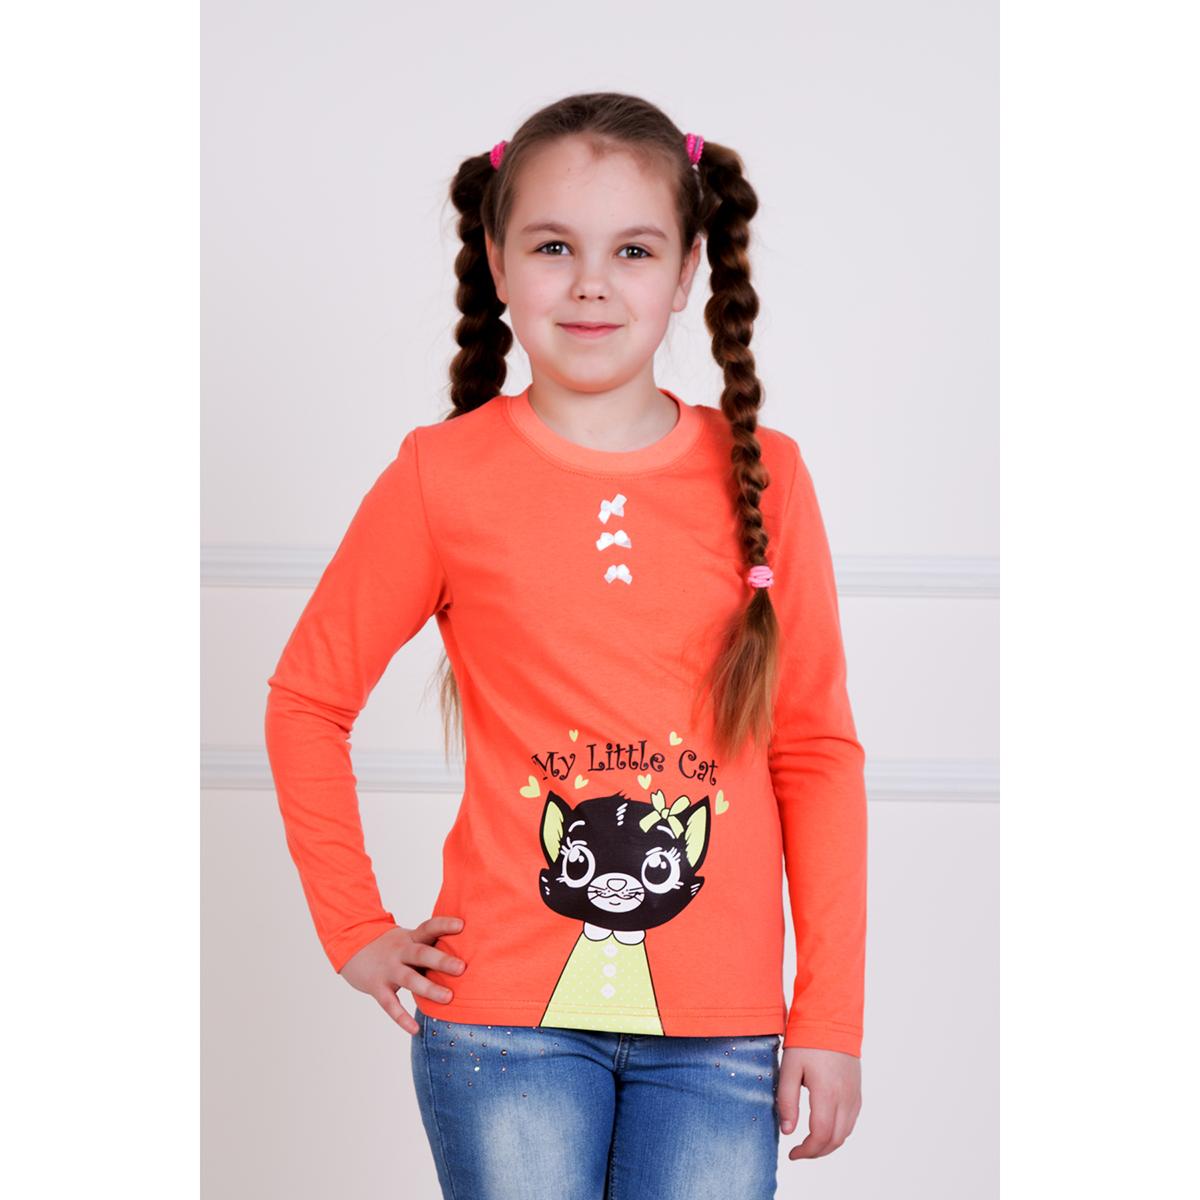 """Детская футболка """"Кэт"""" Оранжевый, размер 3 года Узбекистан """"Pepelino"""""""